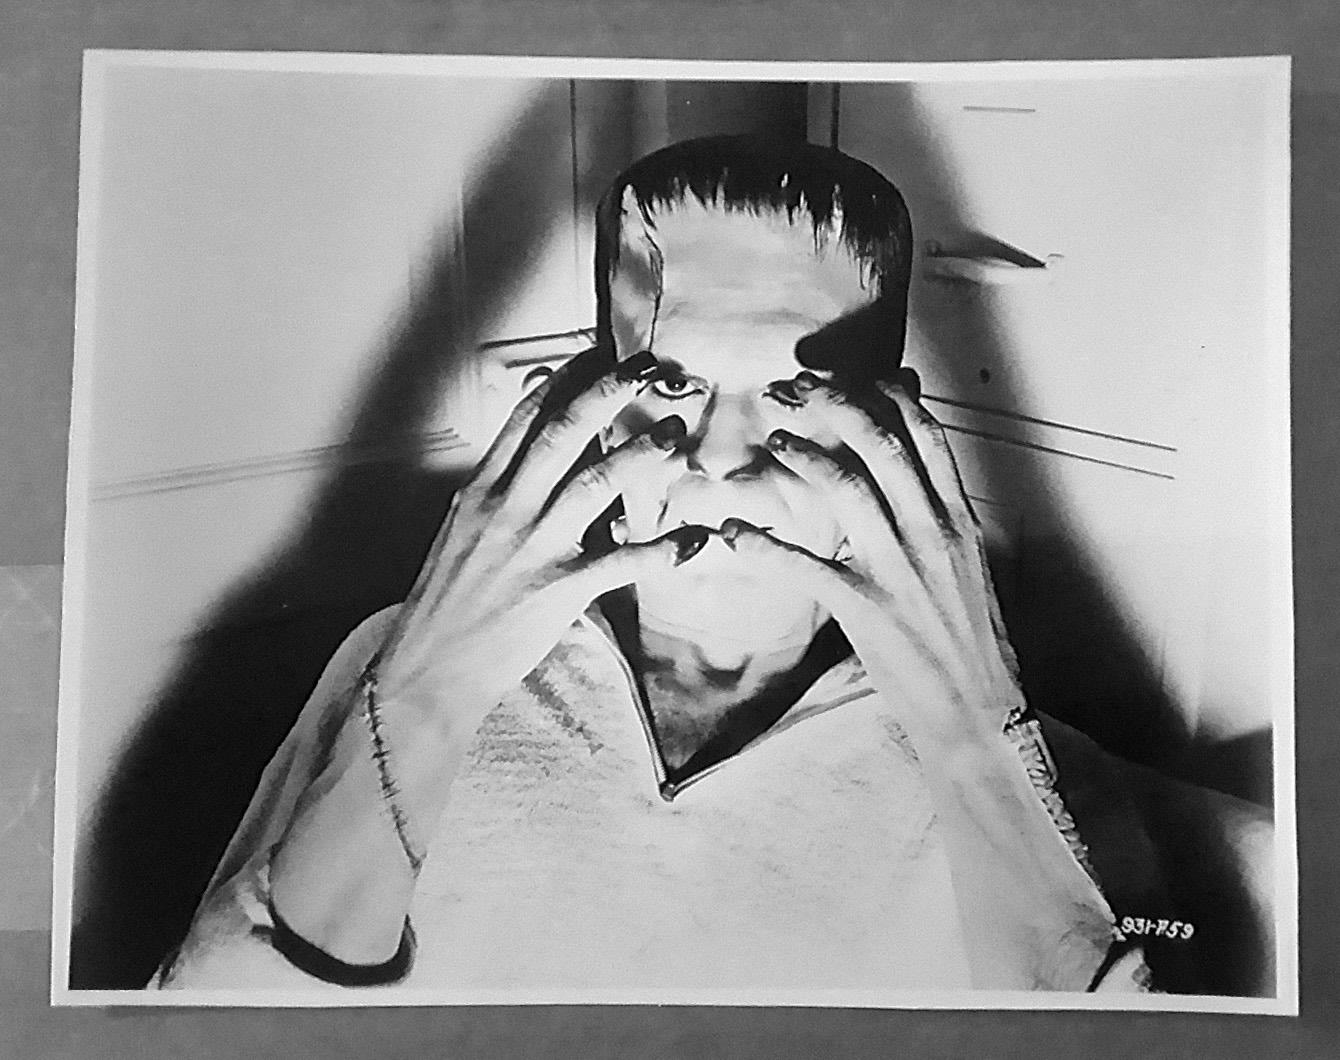 SON OF FRANKENSTEIN (1939) 8x10 Original File Photo 13